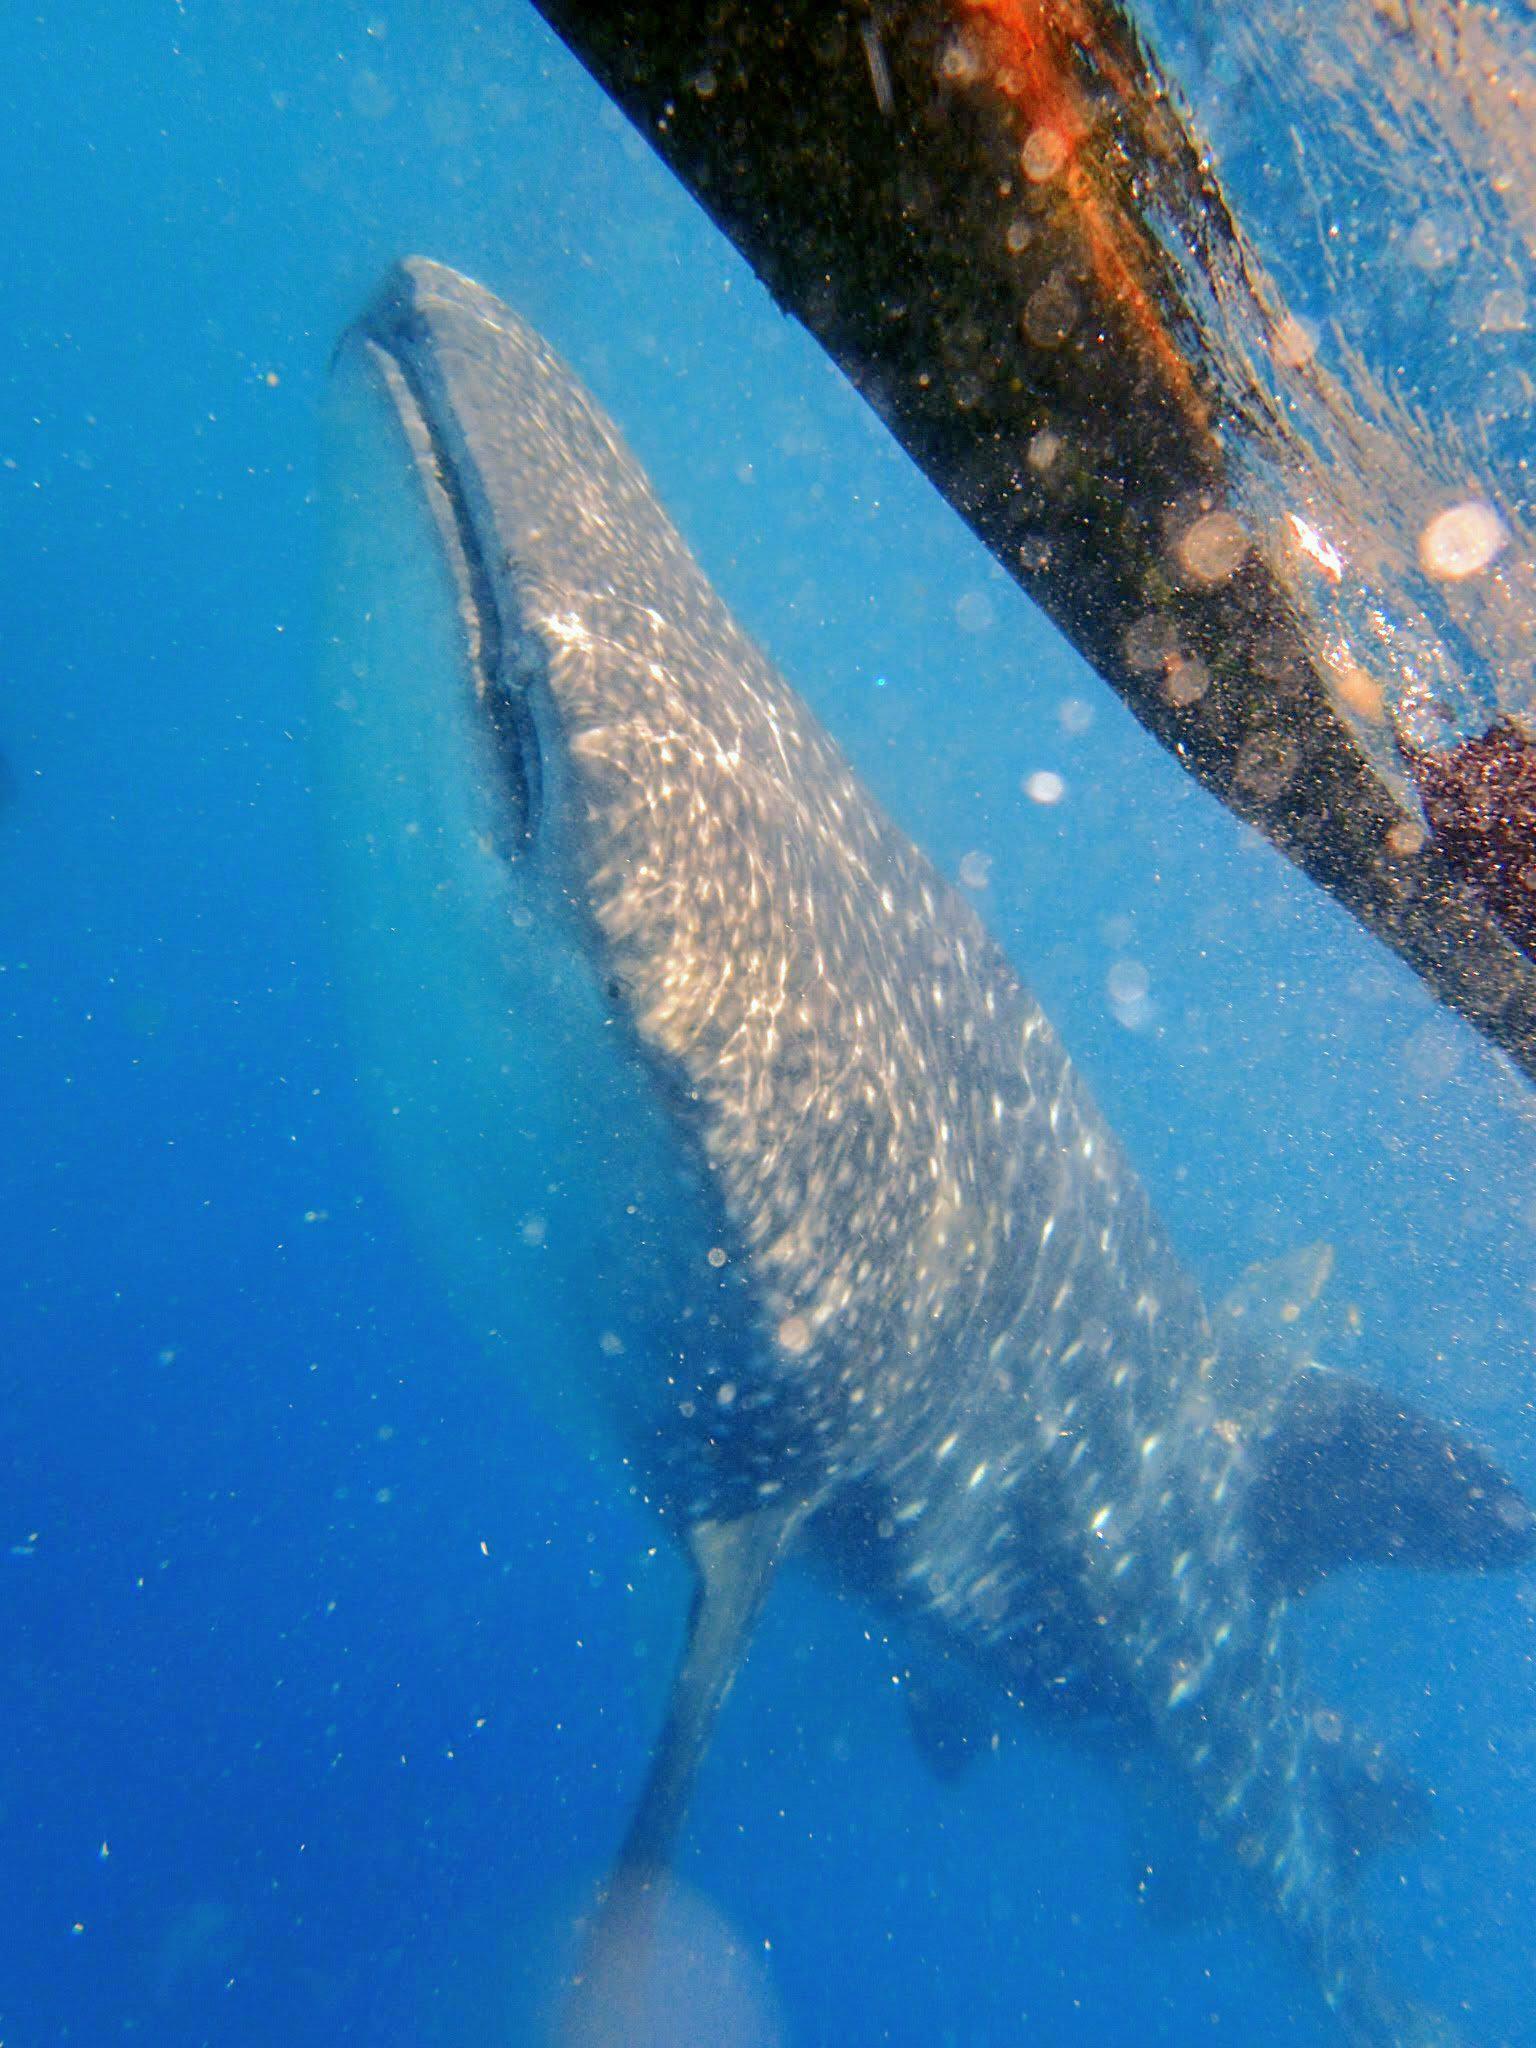 美麗又巨大的鯨鯊|圖片來源:Vanessa